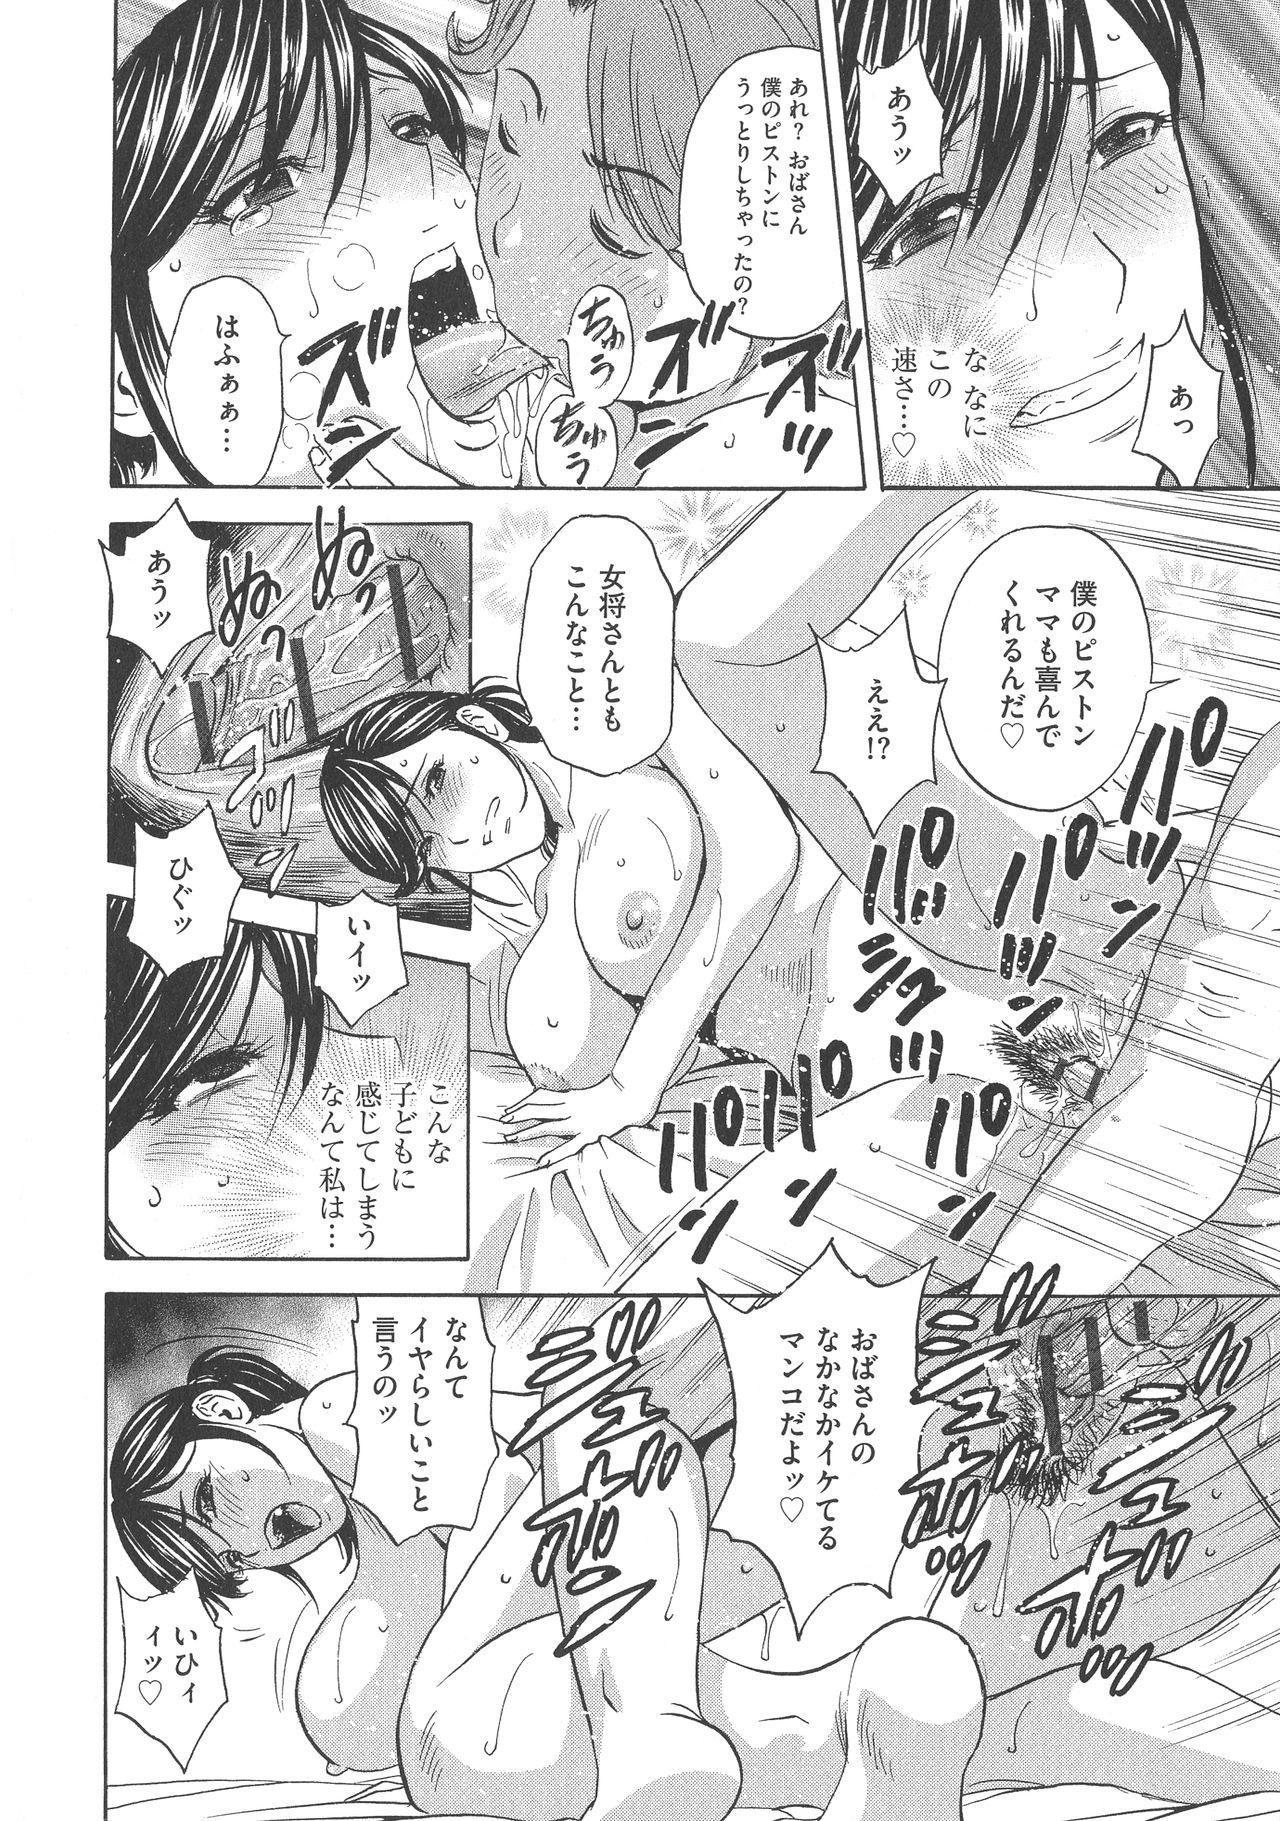 Chijoku ni Modaeru Haha no Chichi… 49